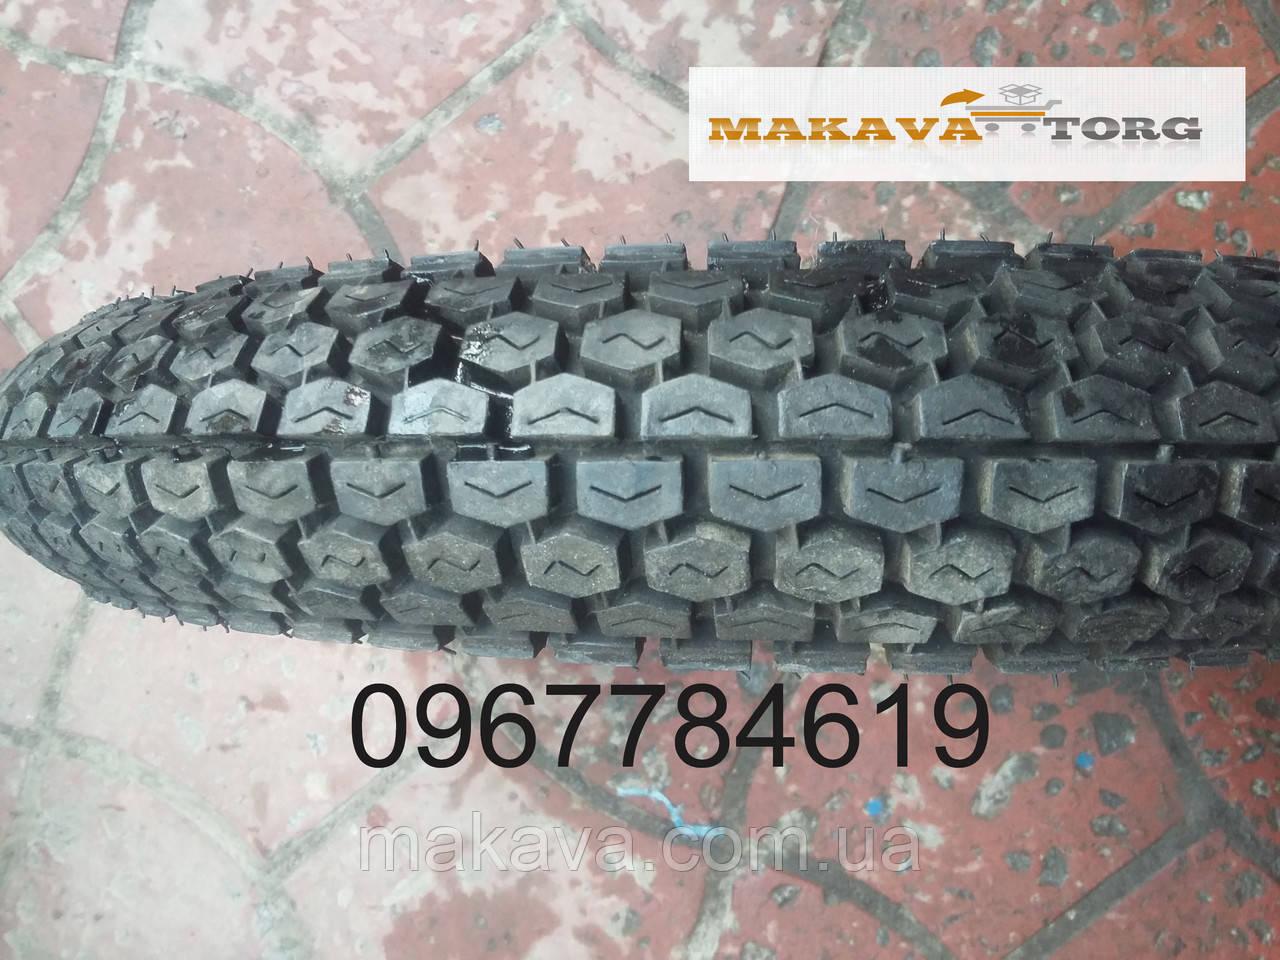 Мотоциклетные покрышки 3.00-10 SWALLOW HS-521 (Индонезия)